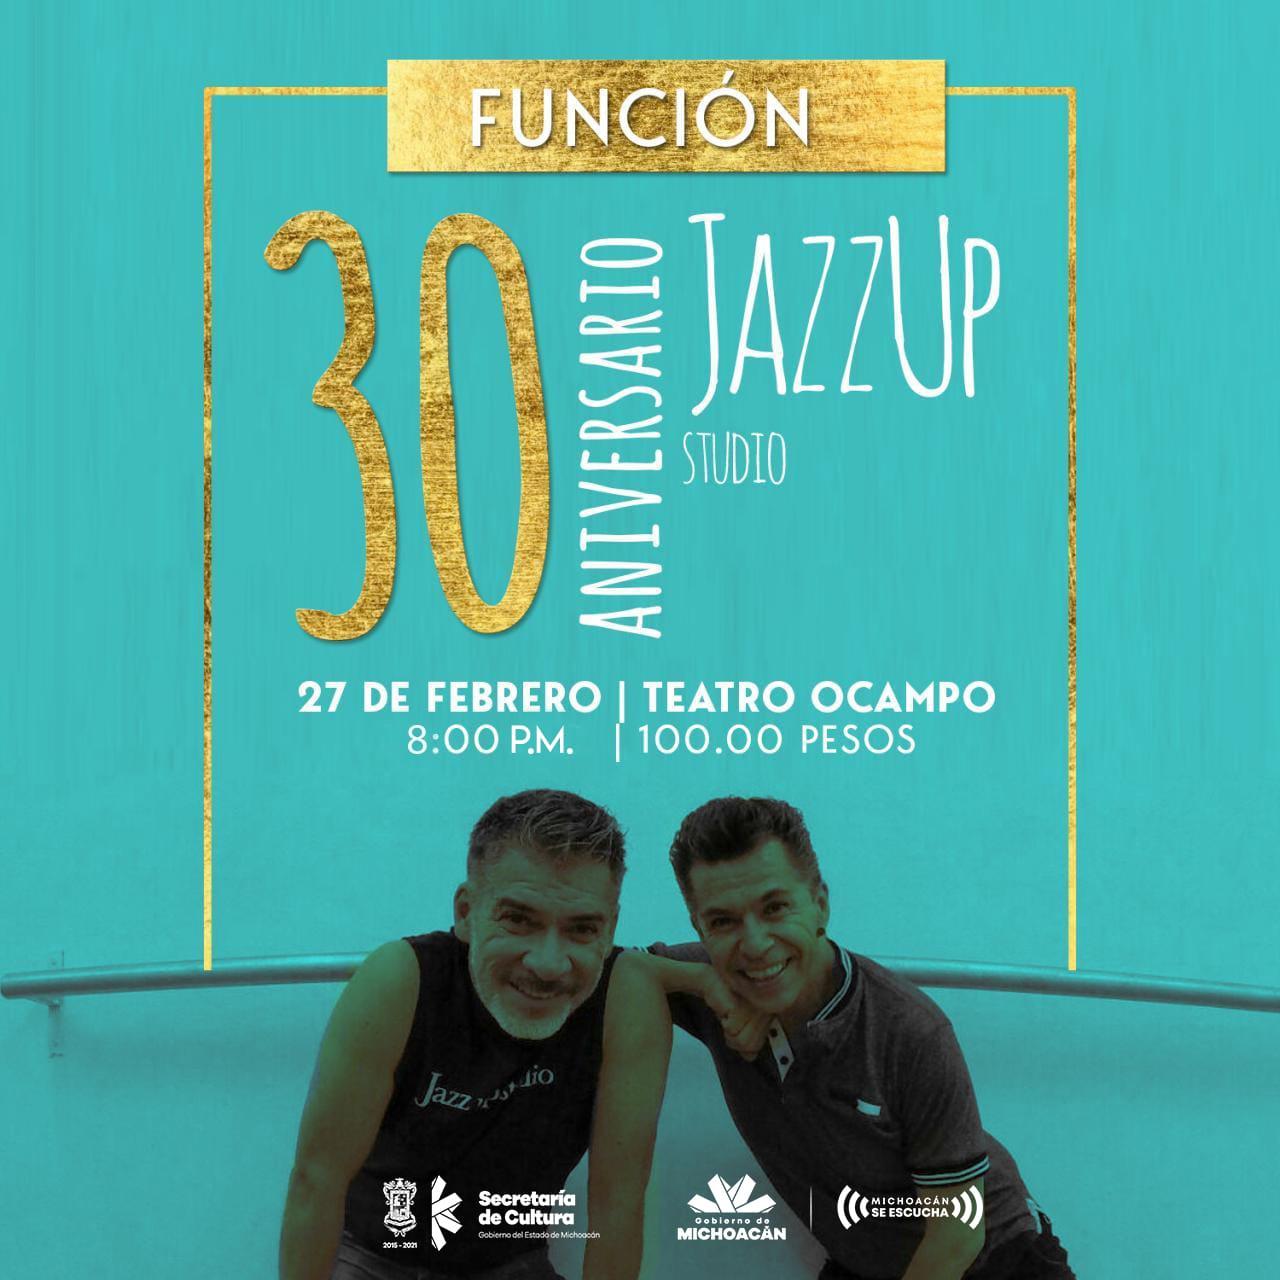 Jazz Up Studio celebrará 30 años de danza